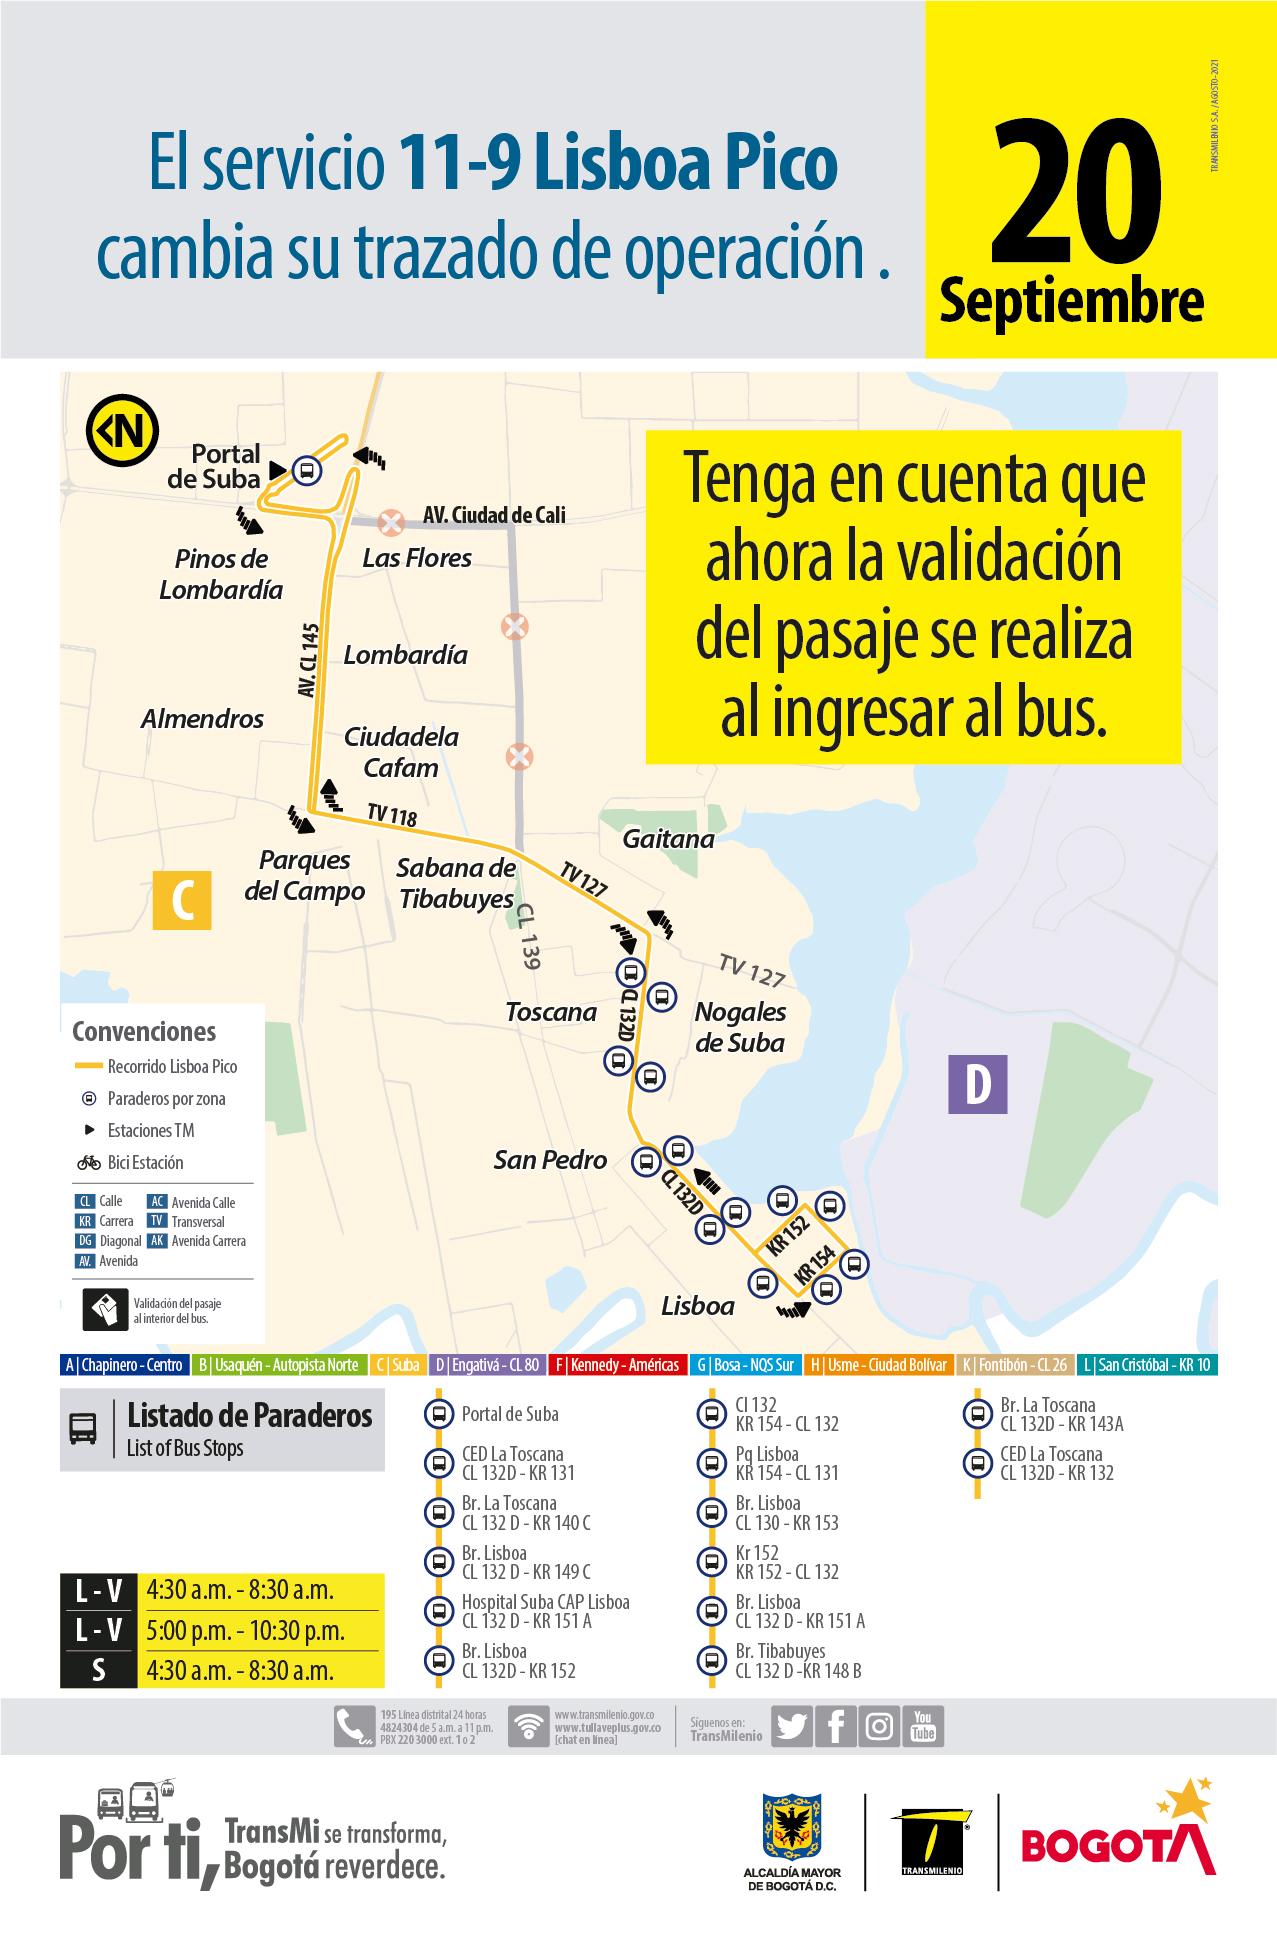 11-9 Lisboa Pico